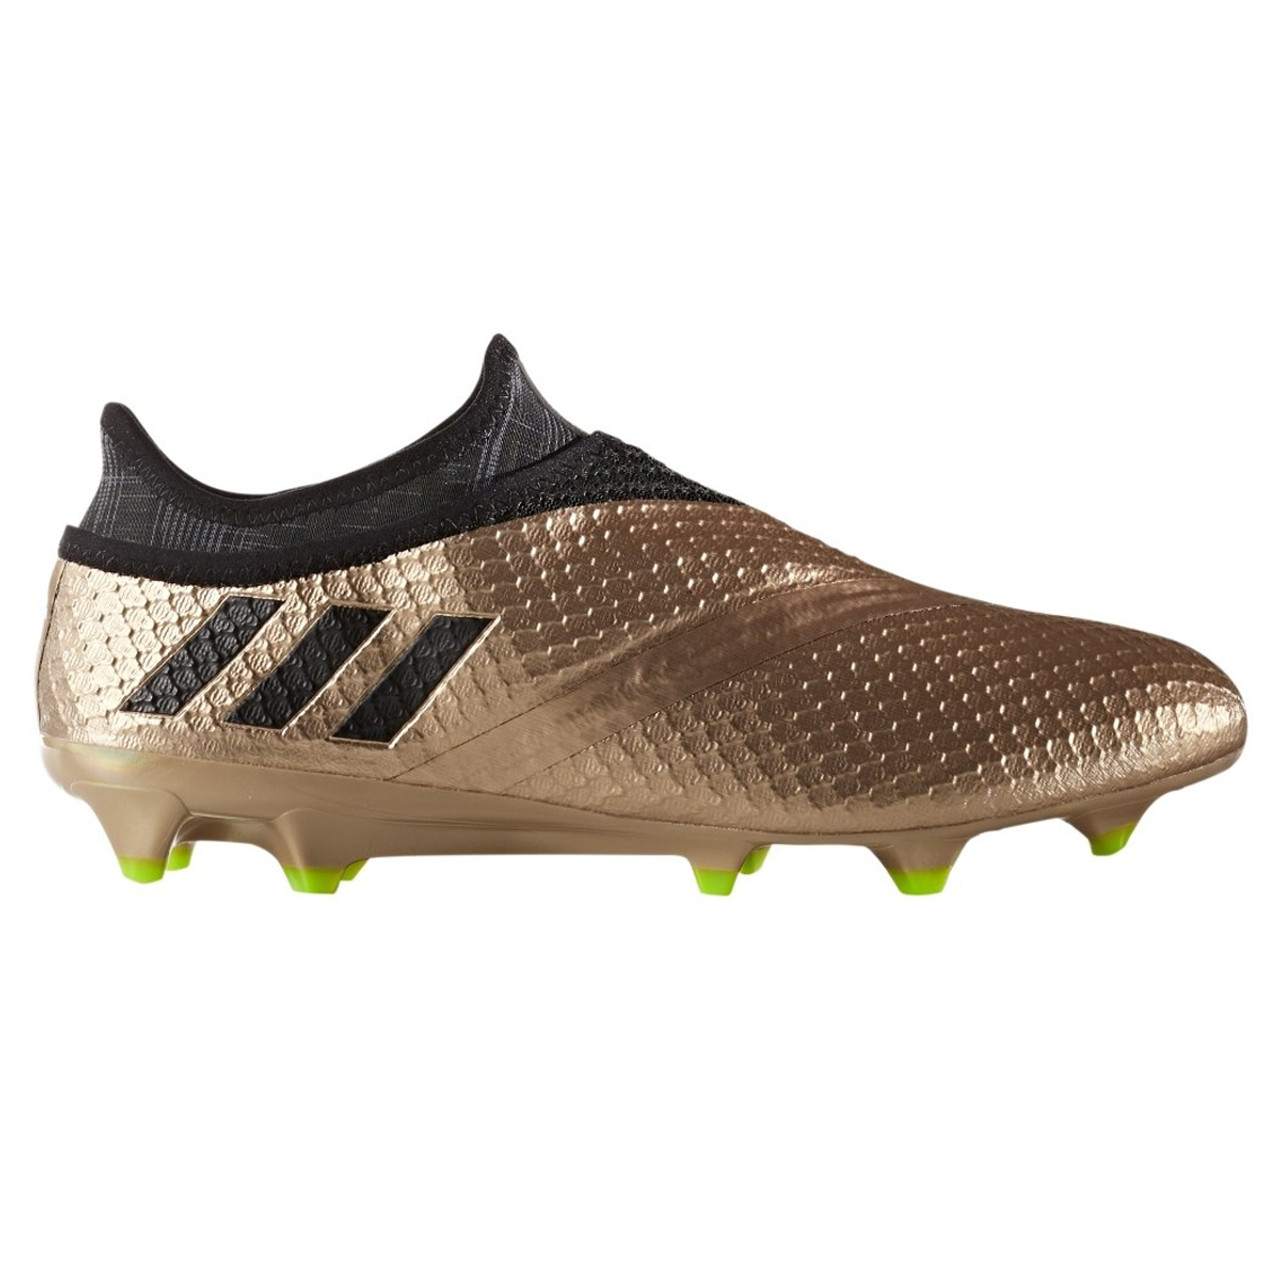 new product 72694 49f1d Adidas Messi 16+ Pureagility FG Mens Soccer Cleats BA9821 - Black, Copper  ...